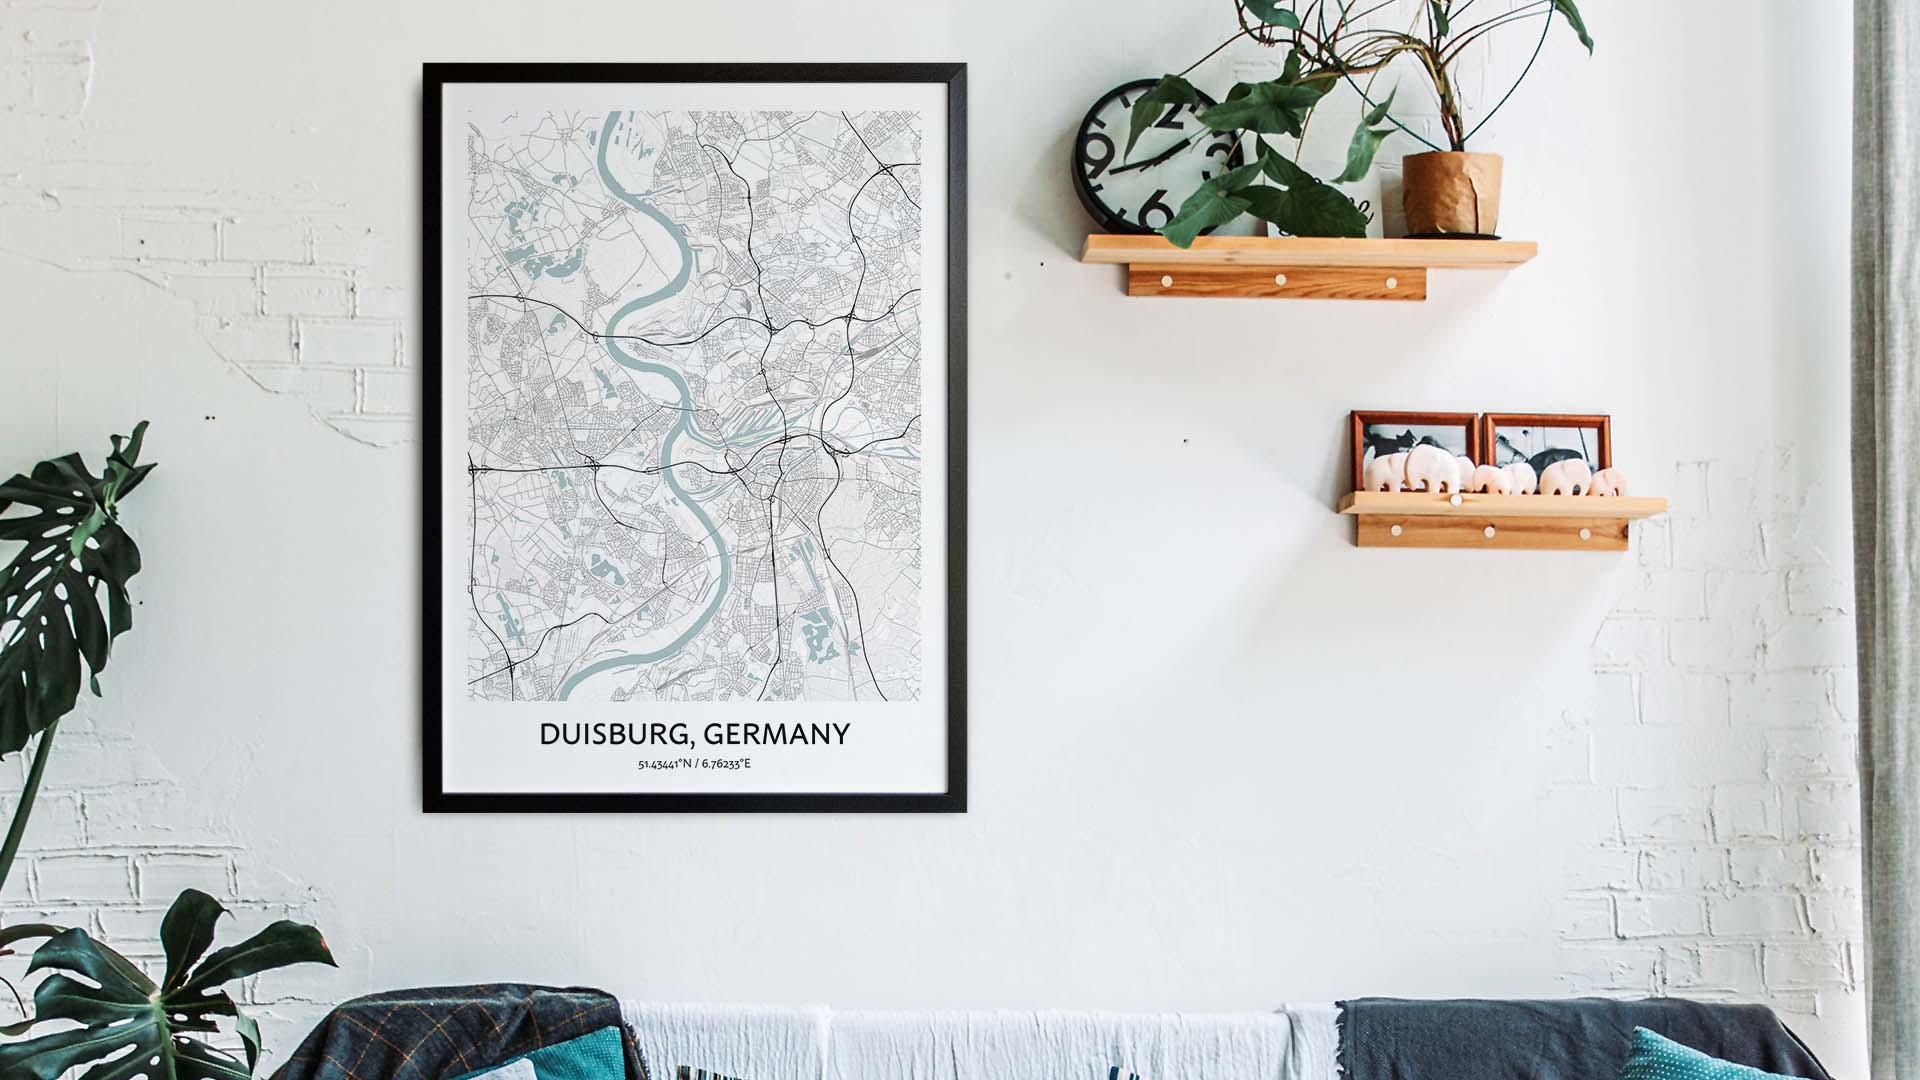 Duisburg map art